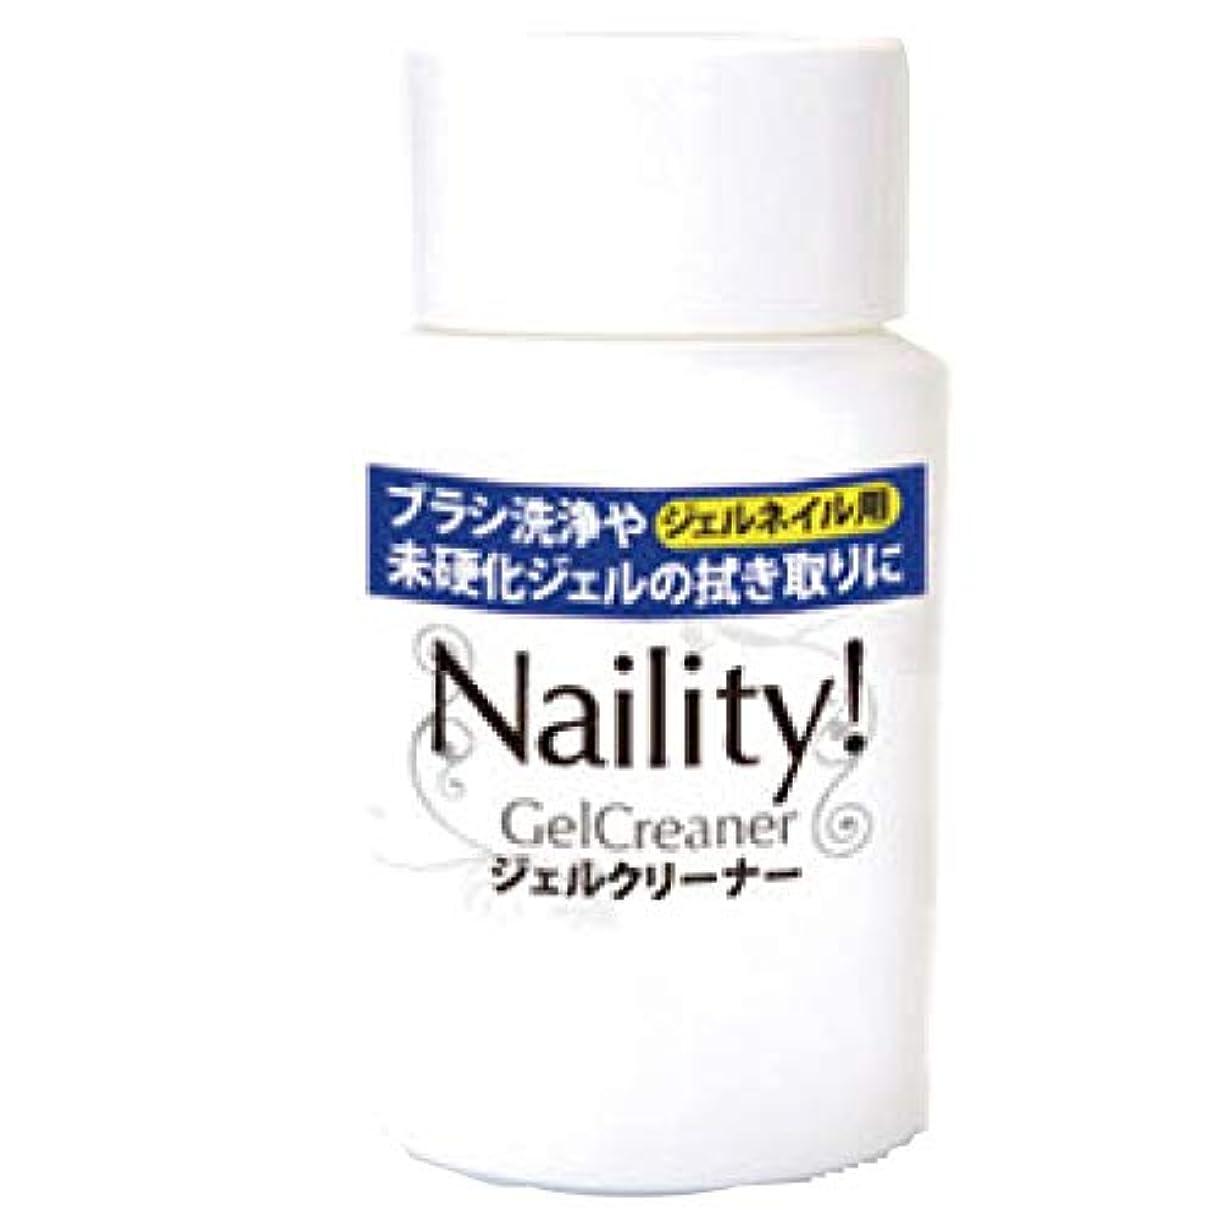 ノベルティ反対に銀行Naility! ジェルクリーナー (リフィル) 500mL